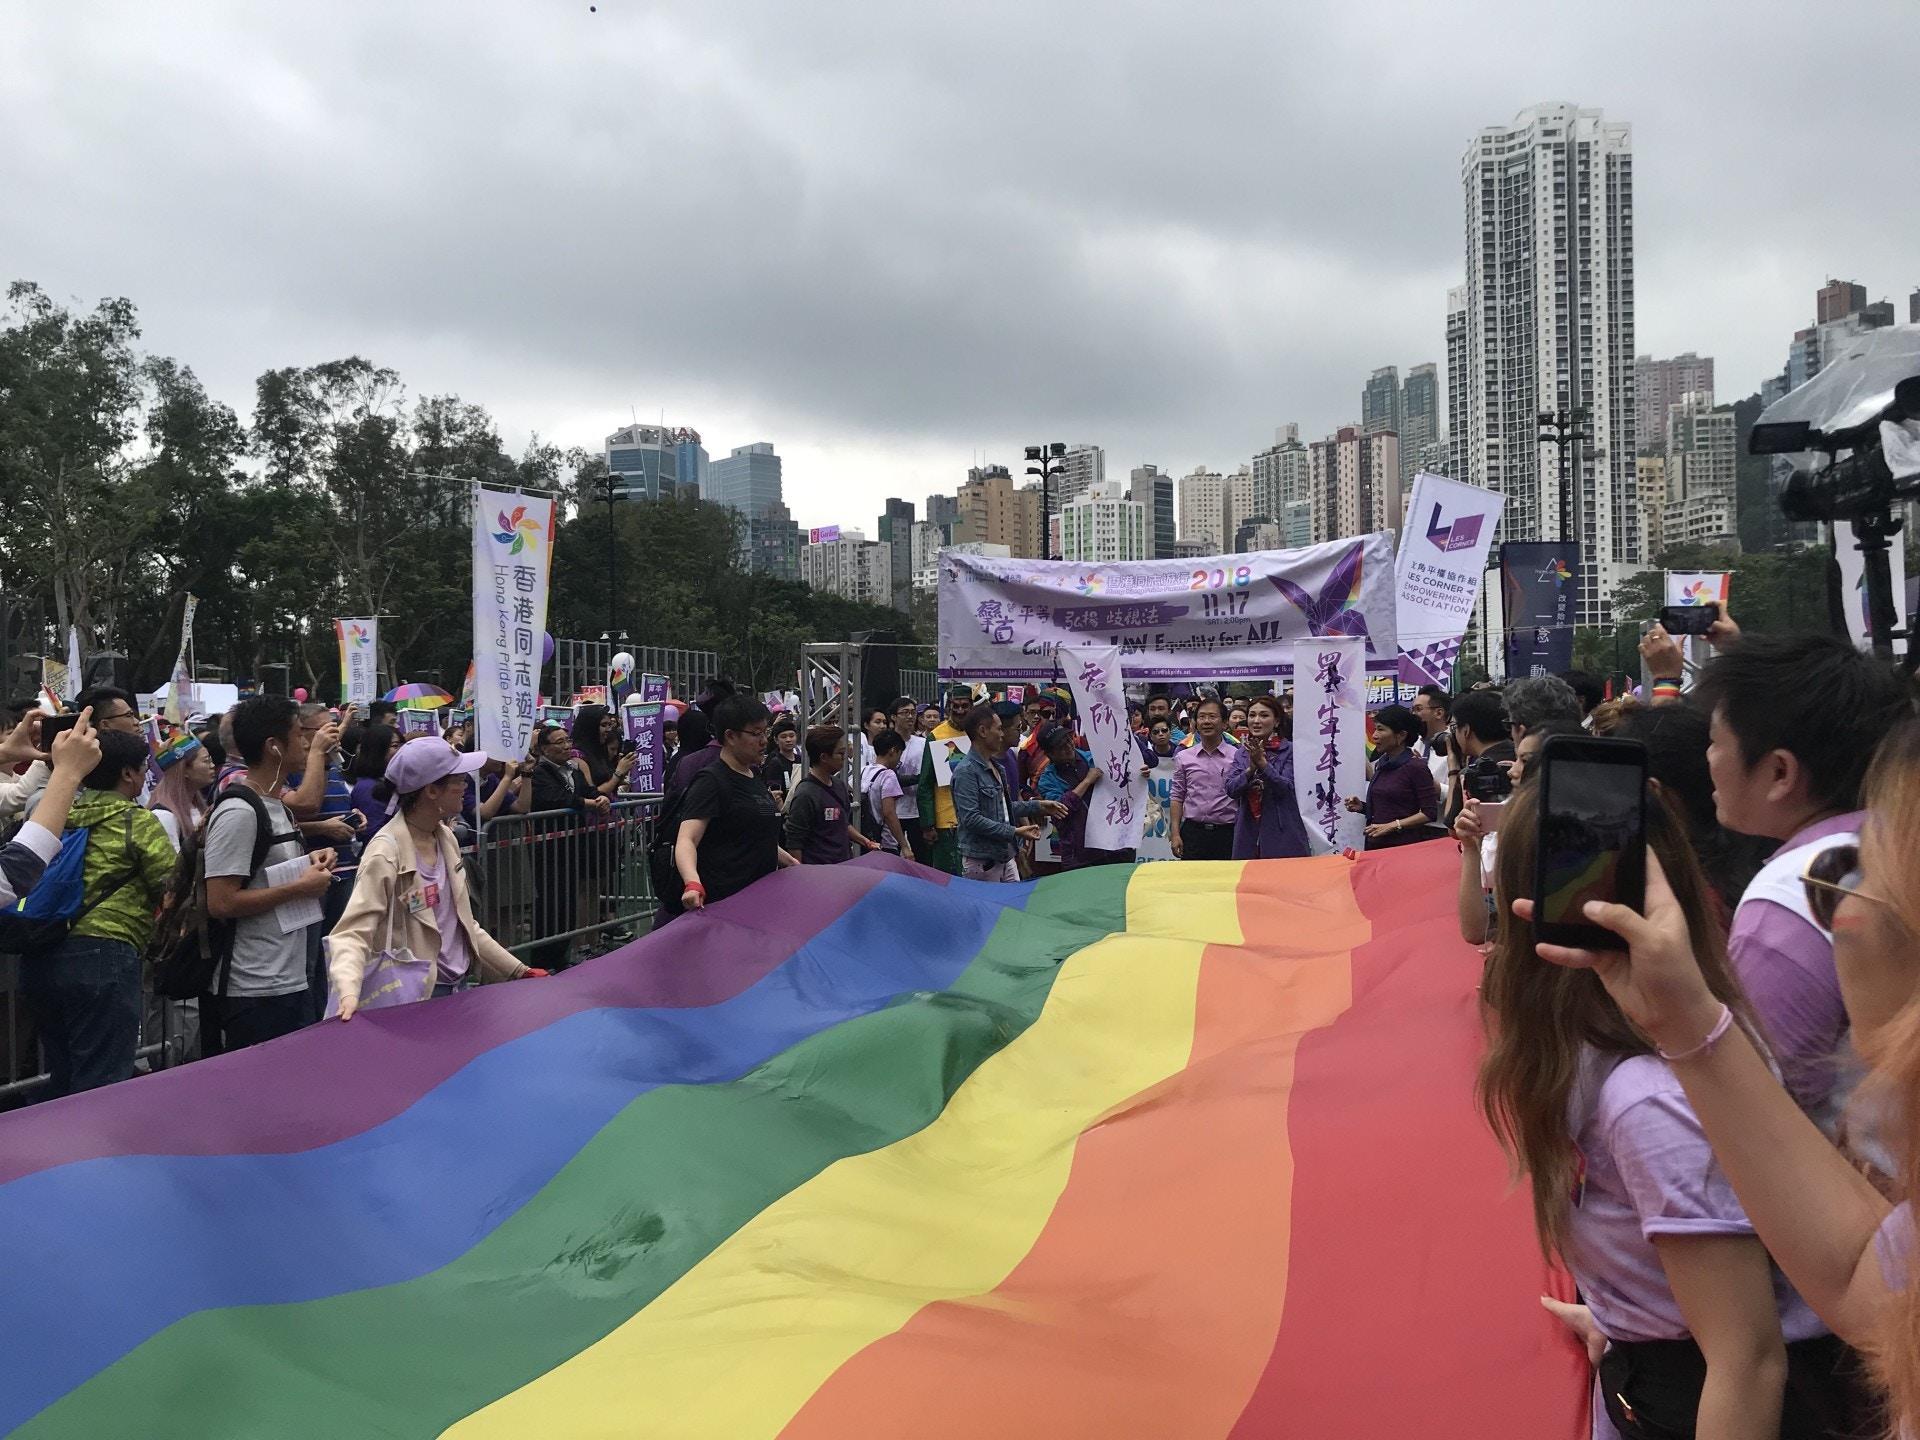 【同志遊行】主辦團體:歧視法迫在眉睫 盼社會盡快履行立法責任 香港01 社會新聞